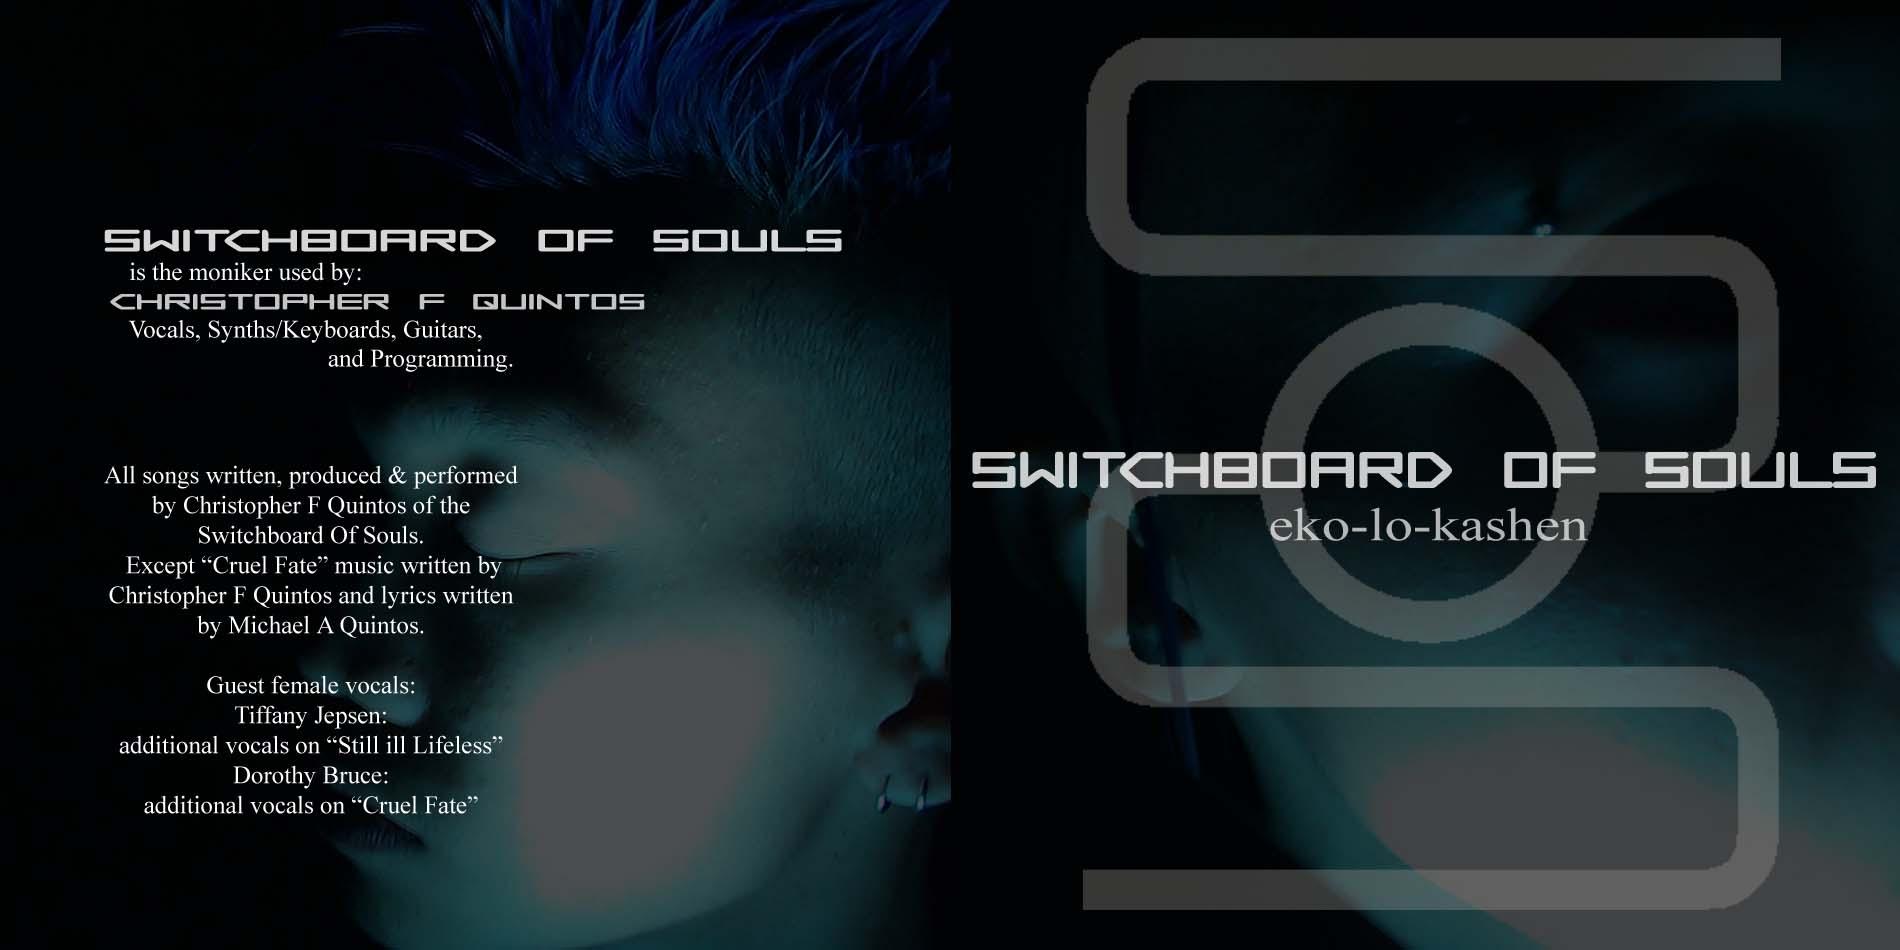 (qd-4220) Switchboard of Souls - eko-lo-kashen